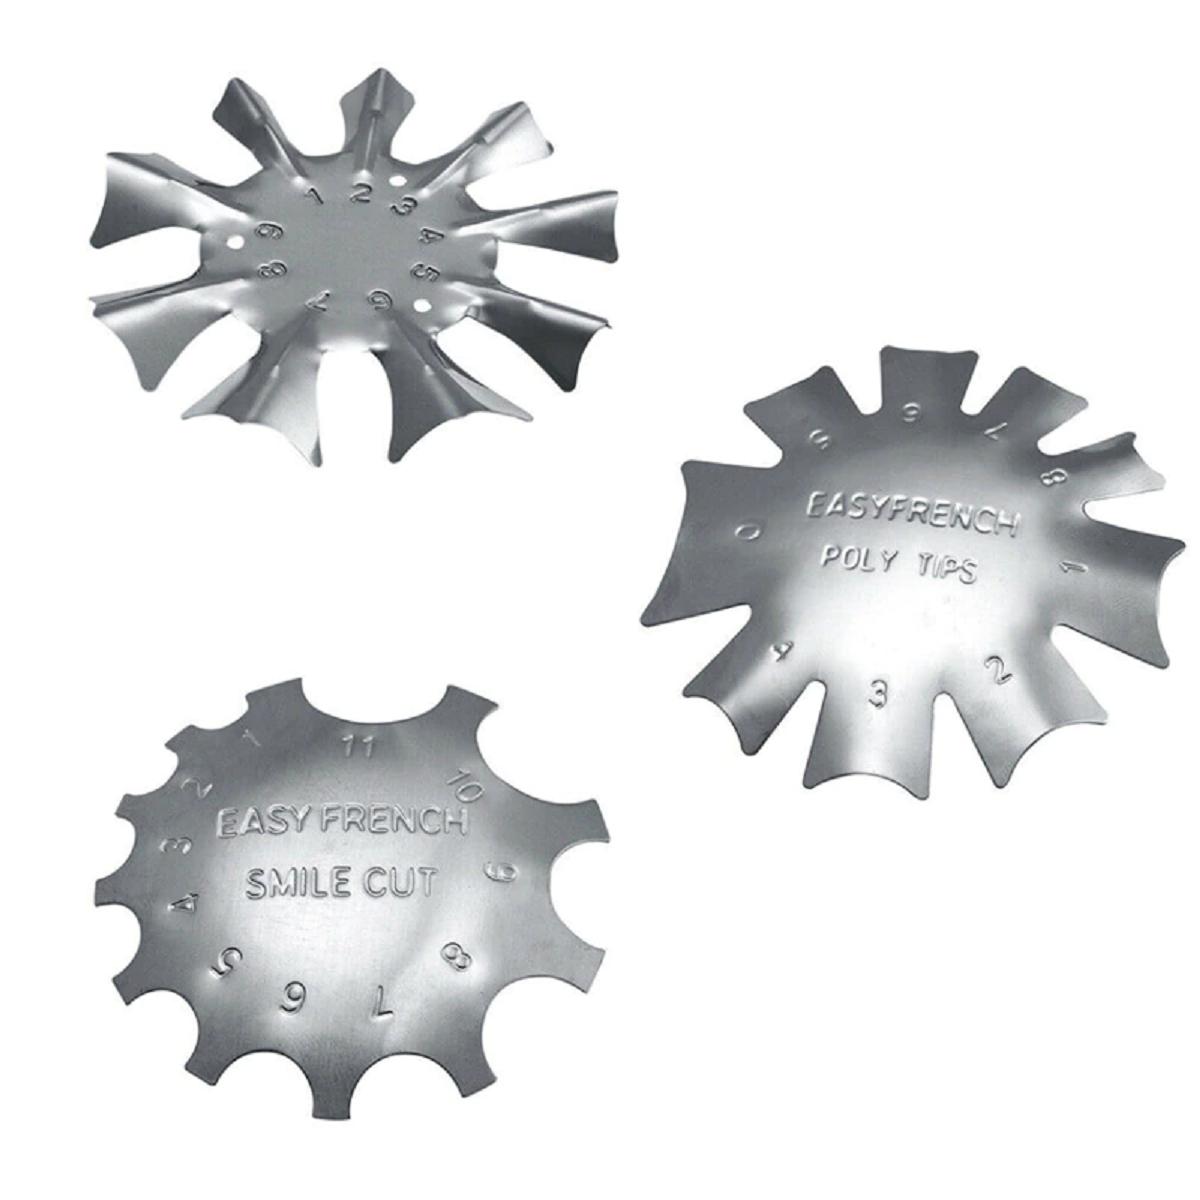 3 PCS French Smile Nail Stencil Cutter Trimmer Clipper Cut Multi-Size Manicure